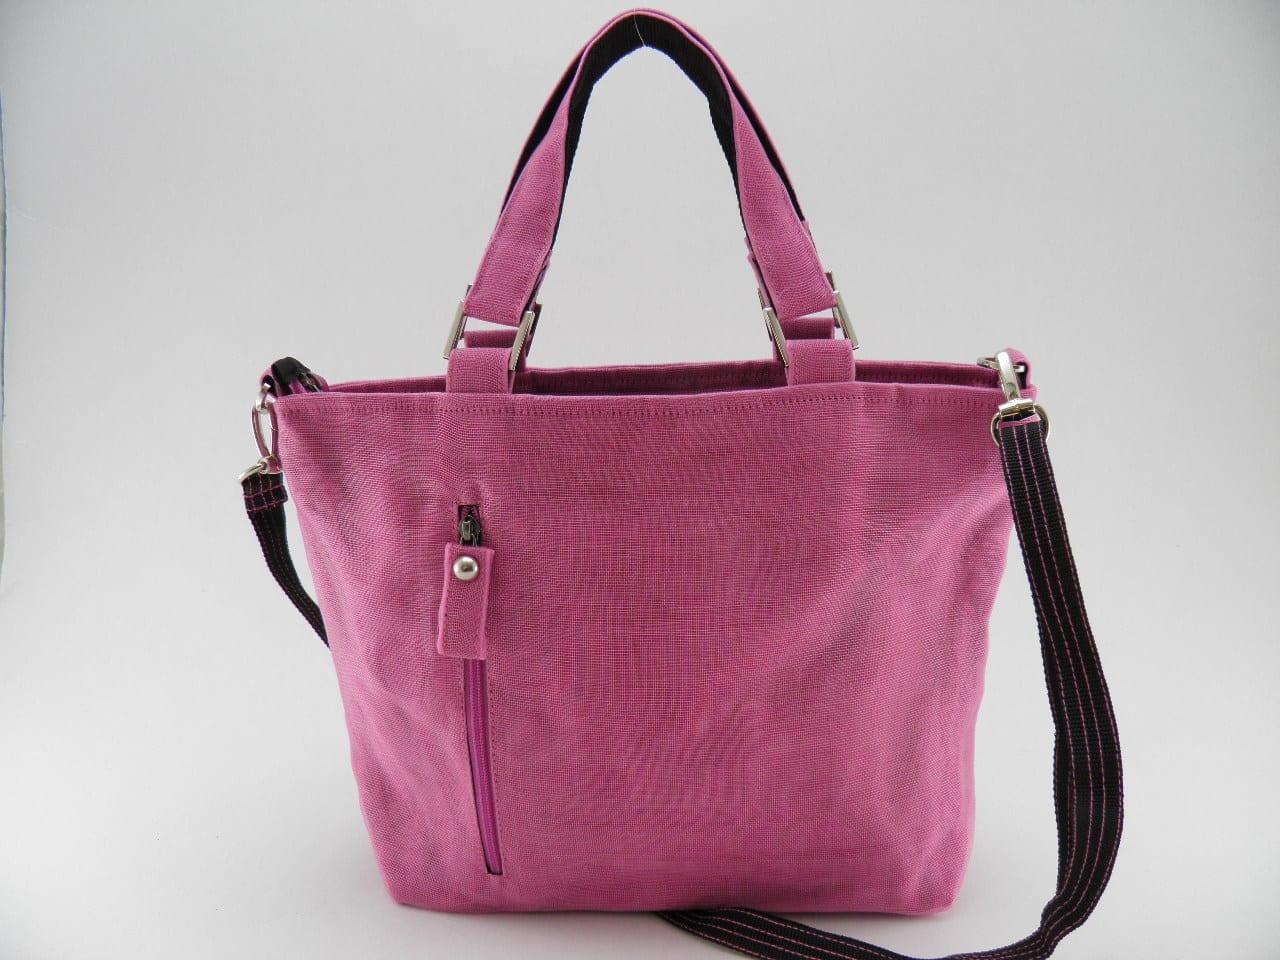 Unix - Ethical handbag - Small - Pink